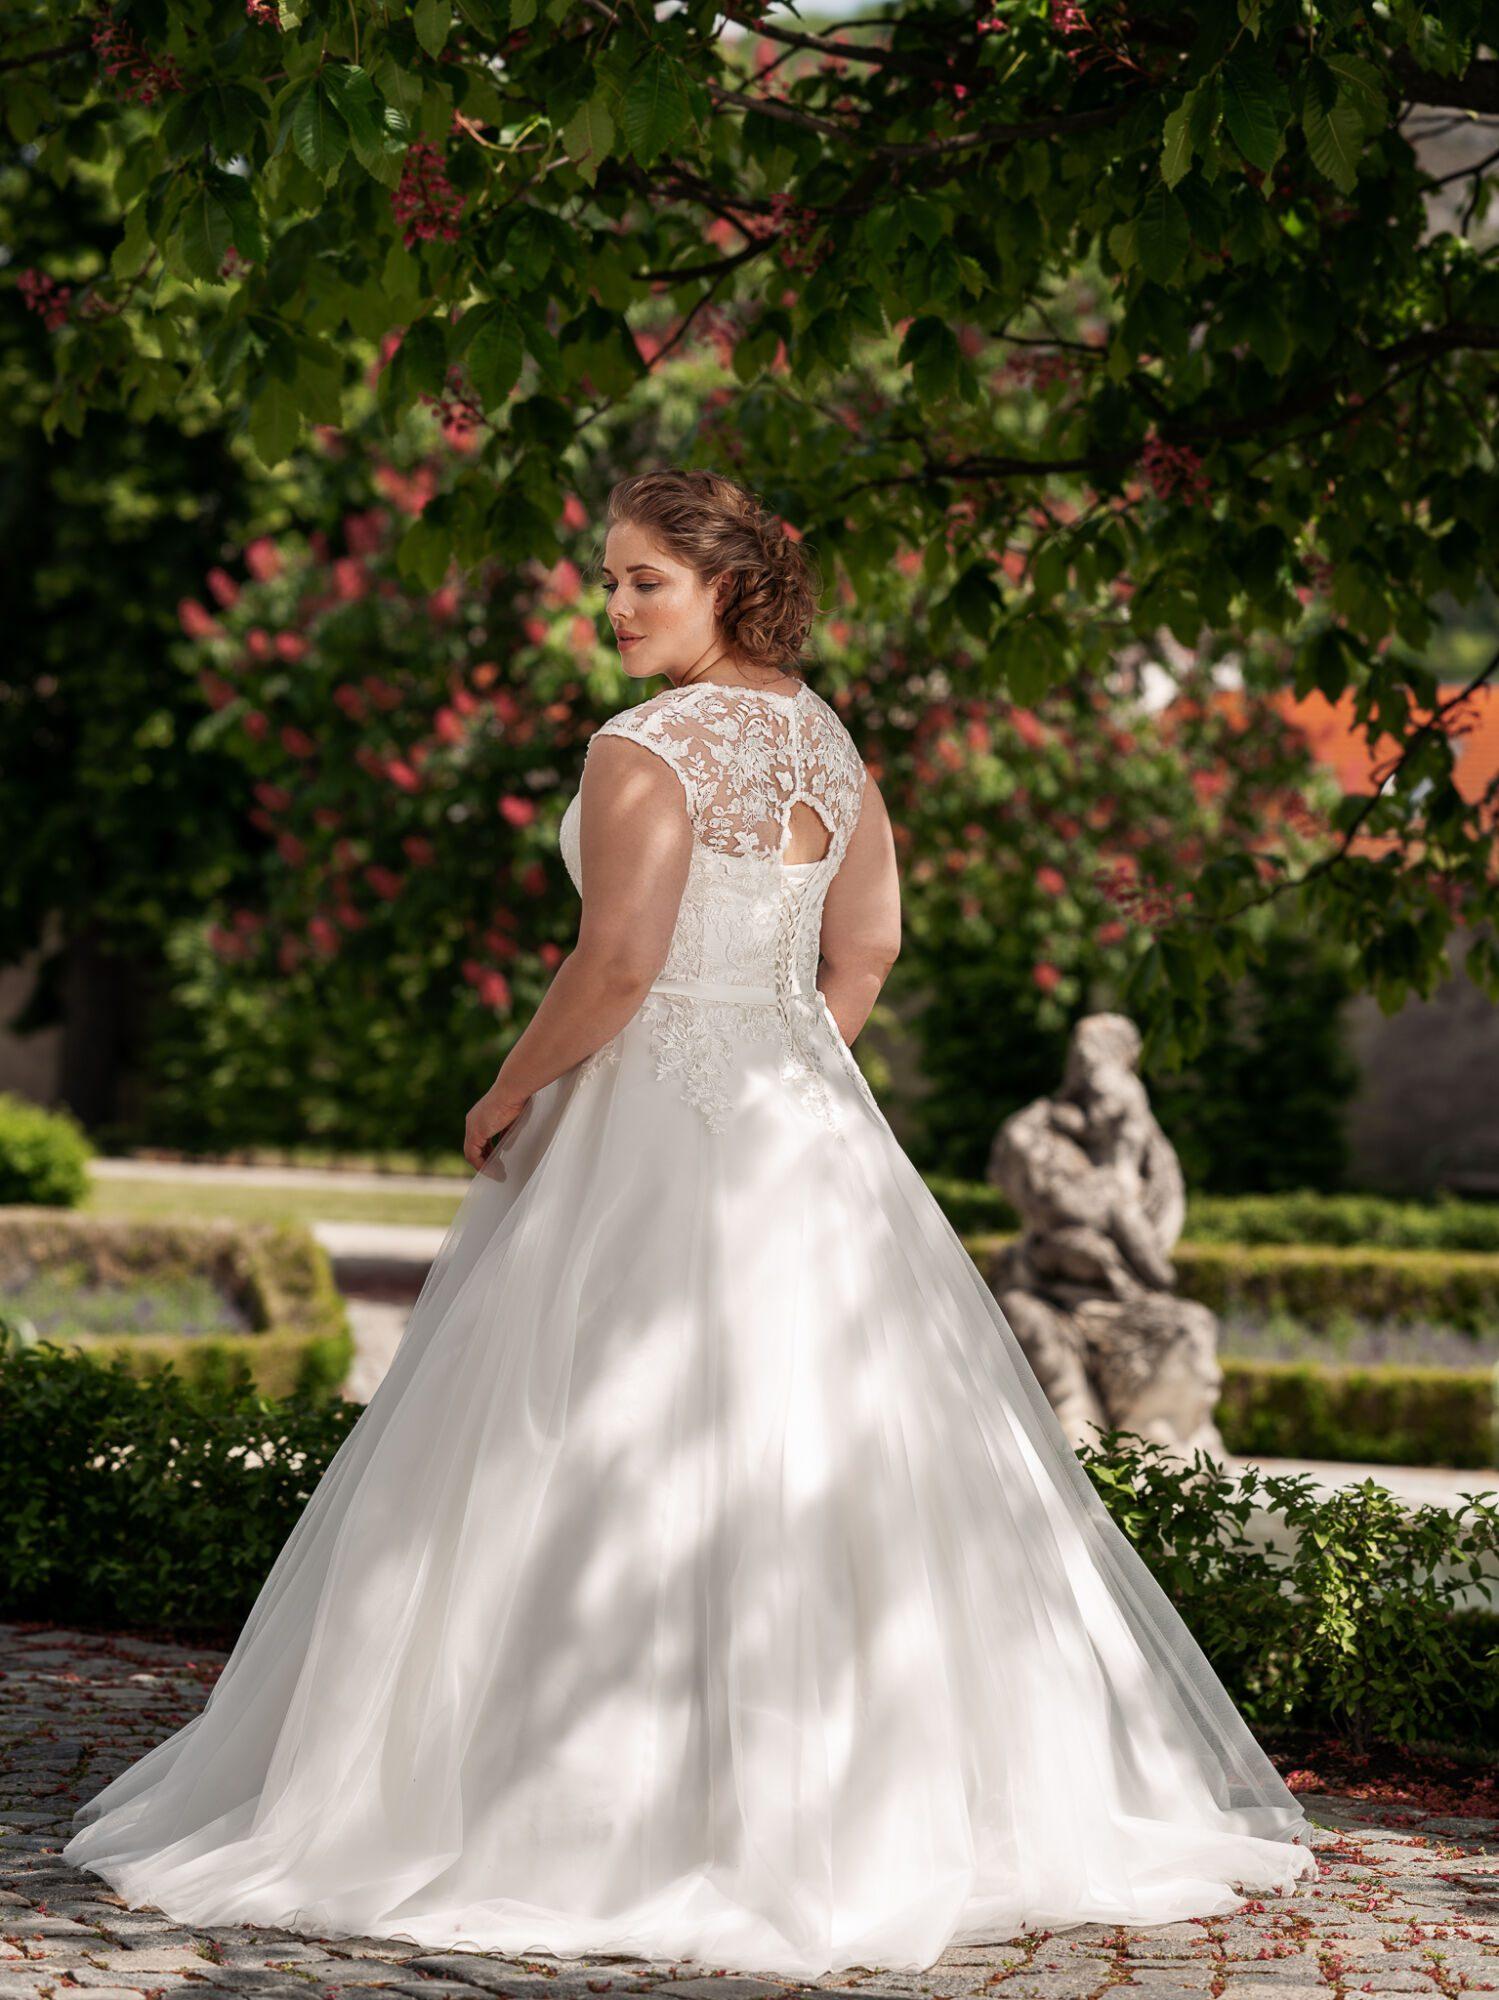 Svatební plus size šaty áčkového střihu